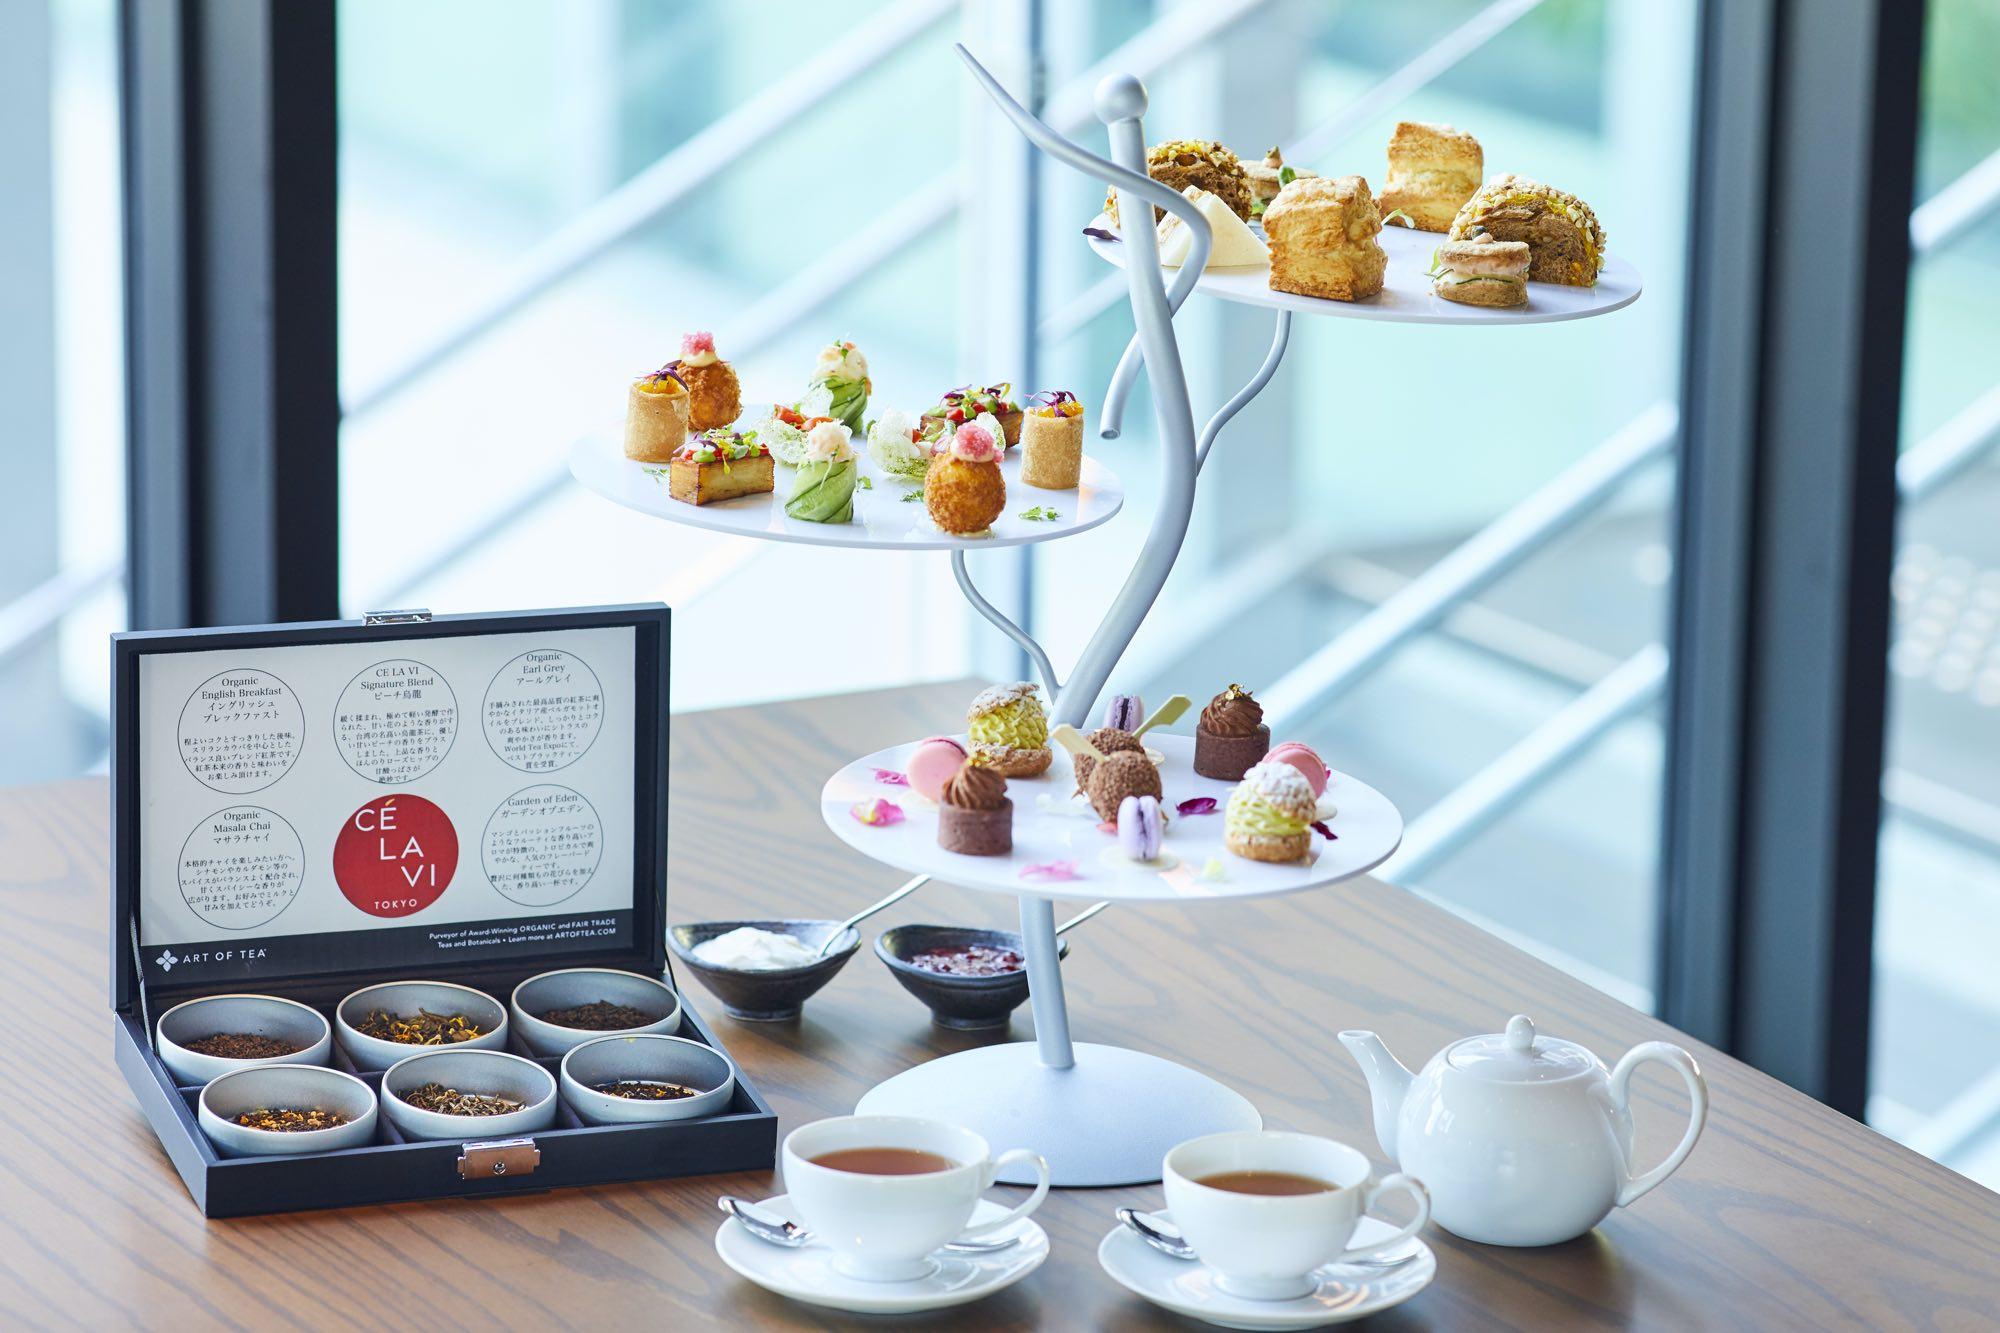 Afternoon tea at Ce La Vi Tokyo